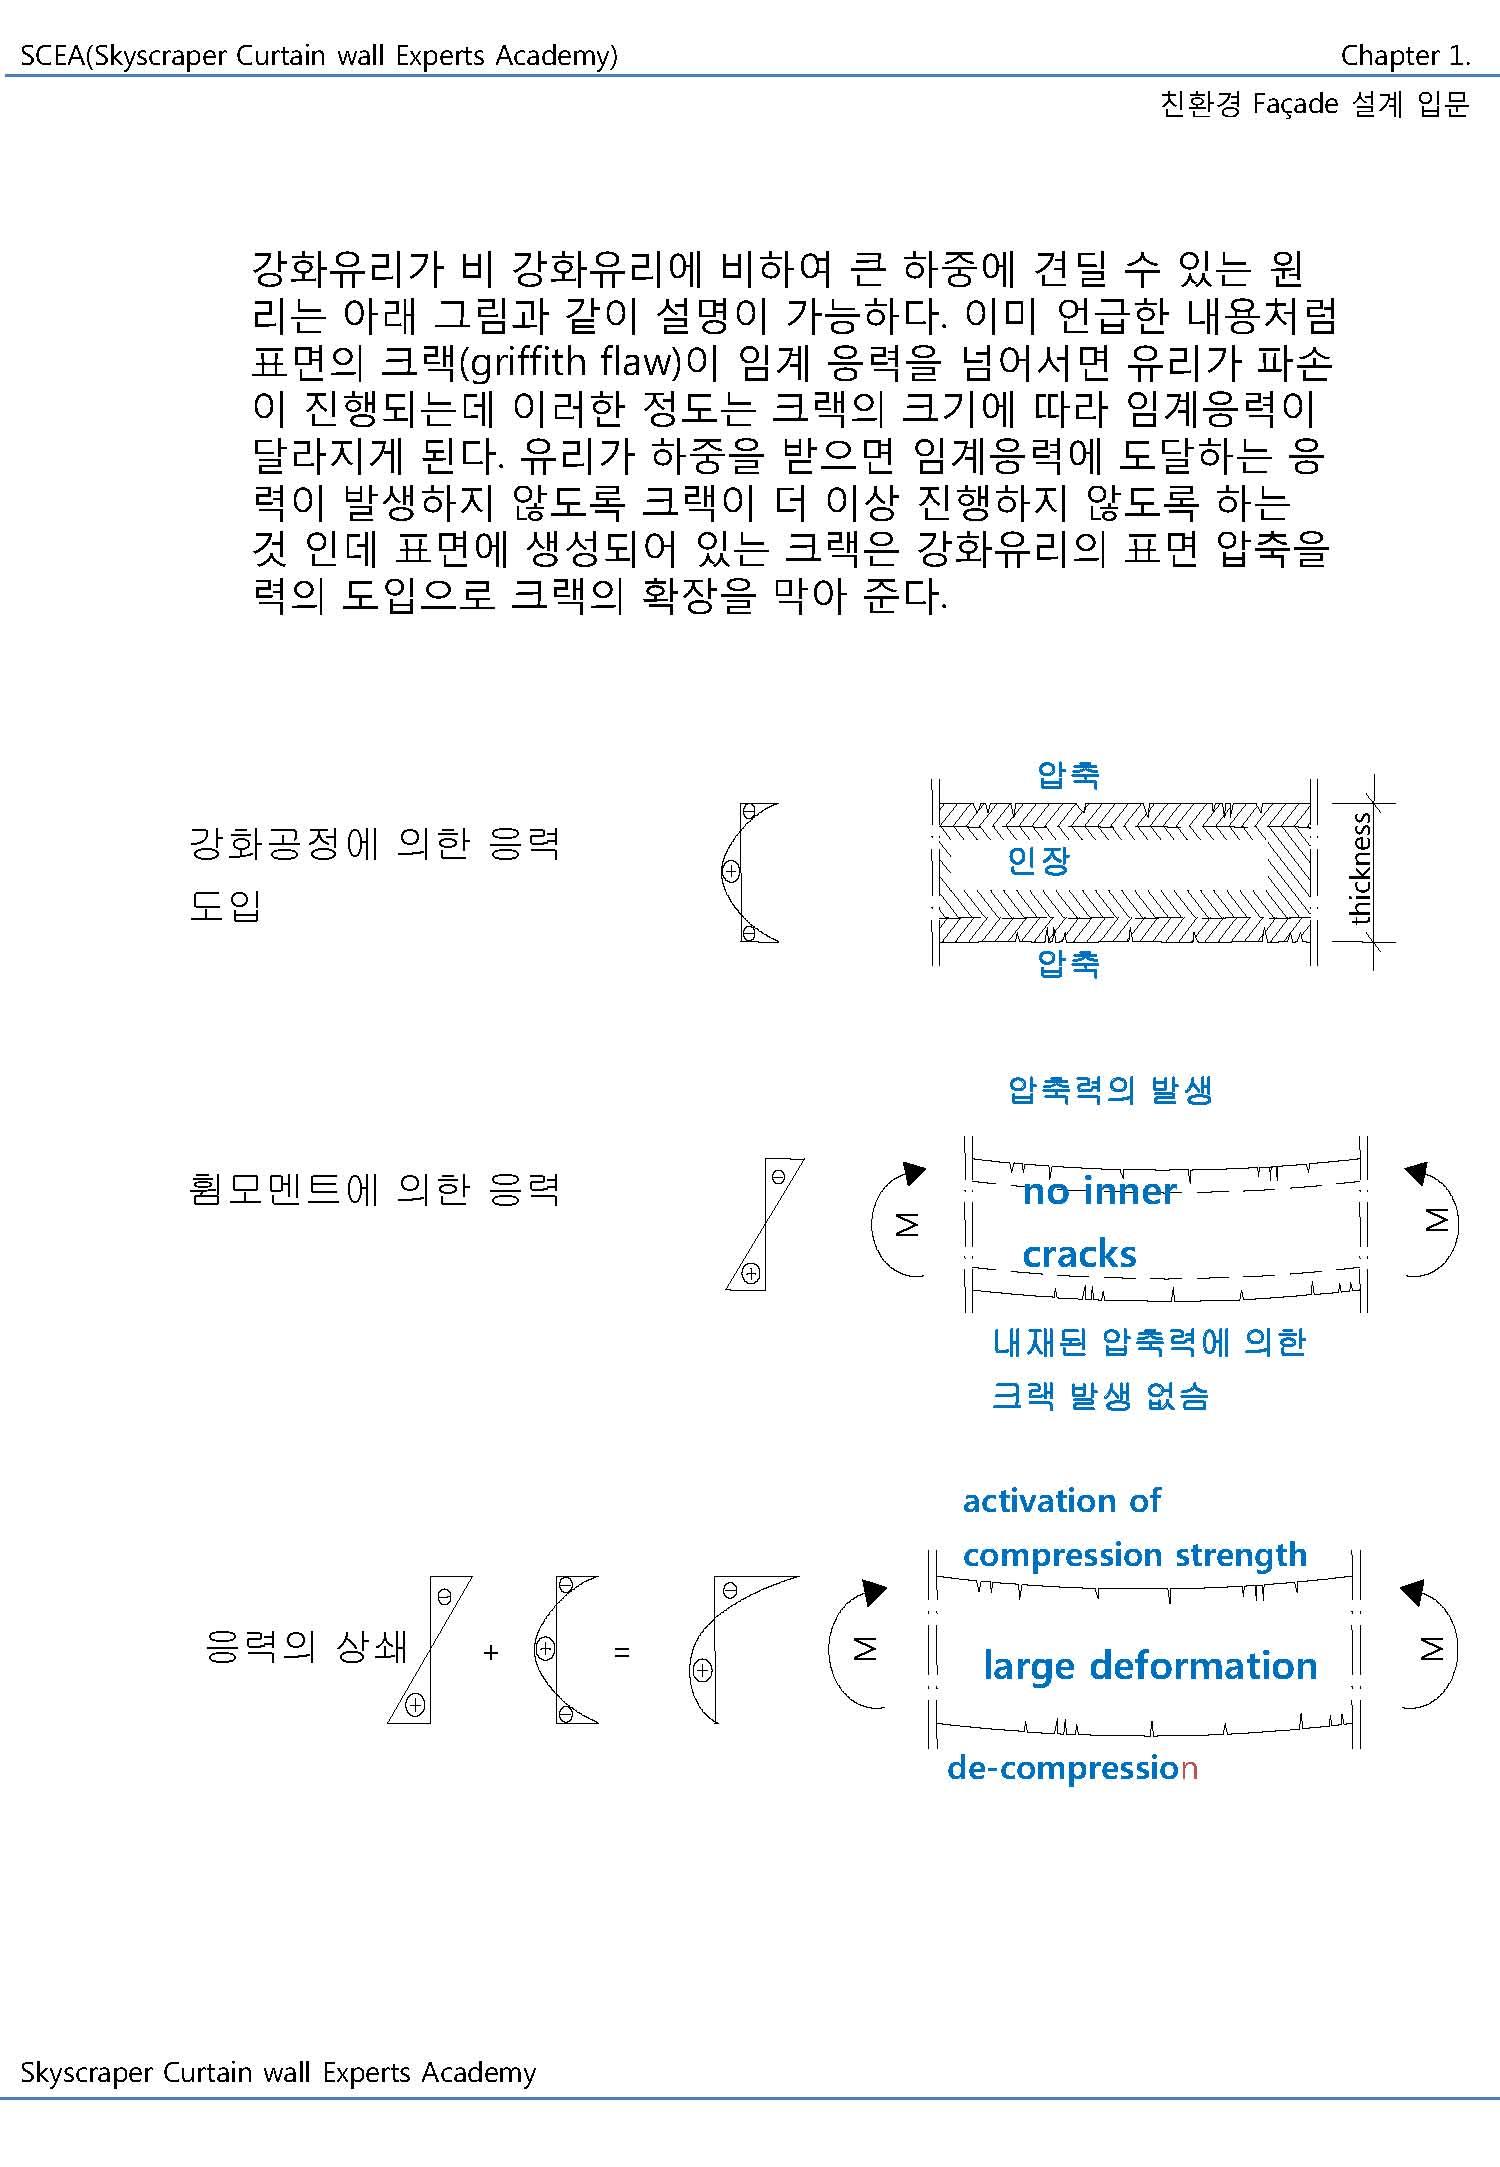 구조용 유리시스템의 설계 및 시공_페이지_005.jpg